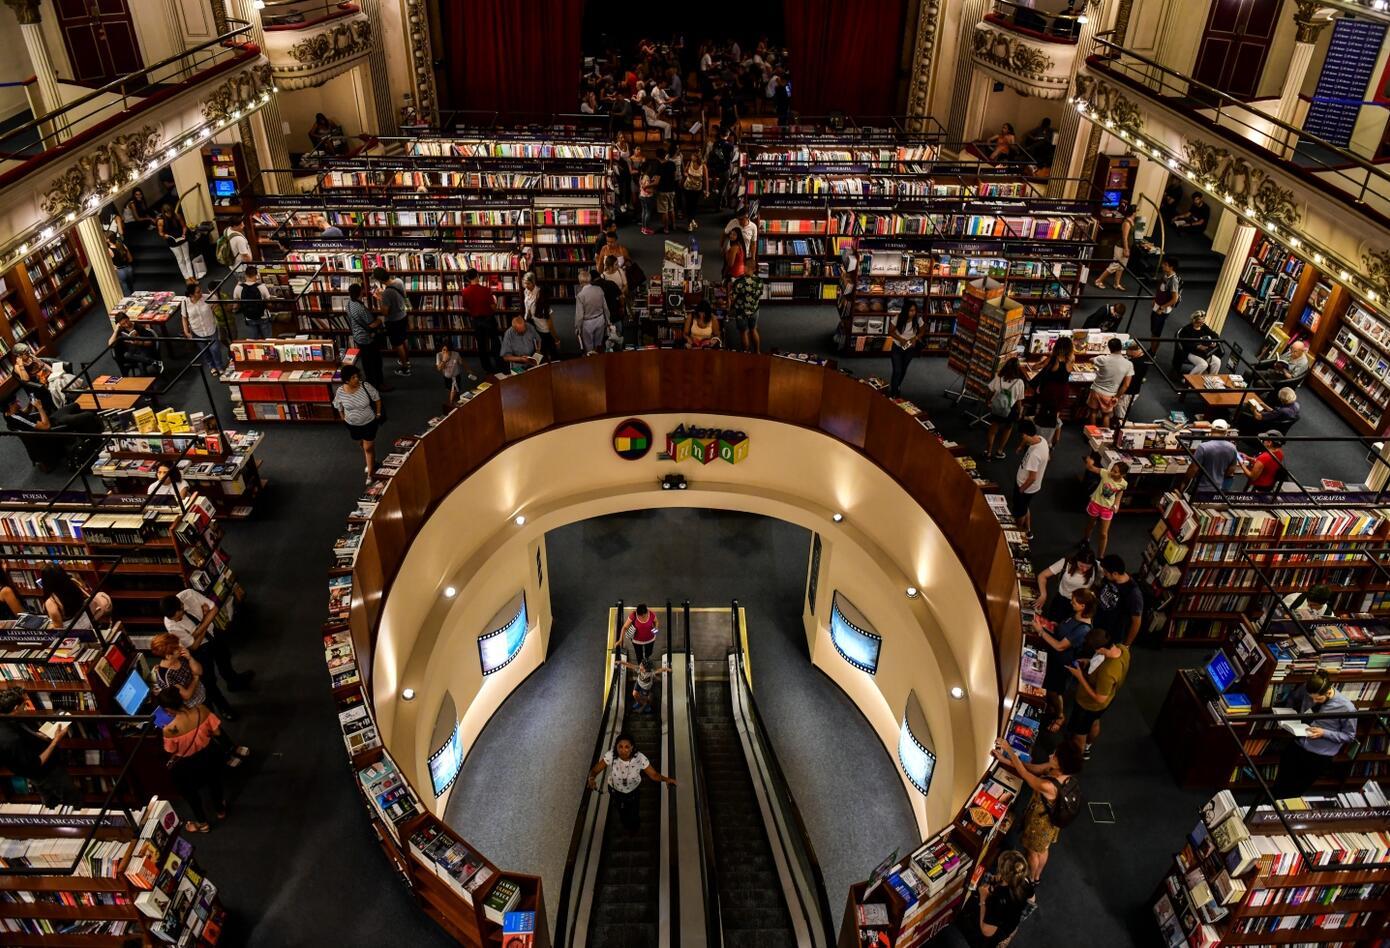 La biblioteca recibe aproximadamente 3.000 visitas por día y 5.000 los fines de semana